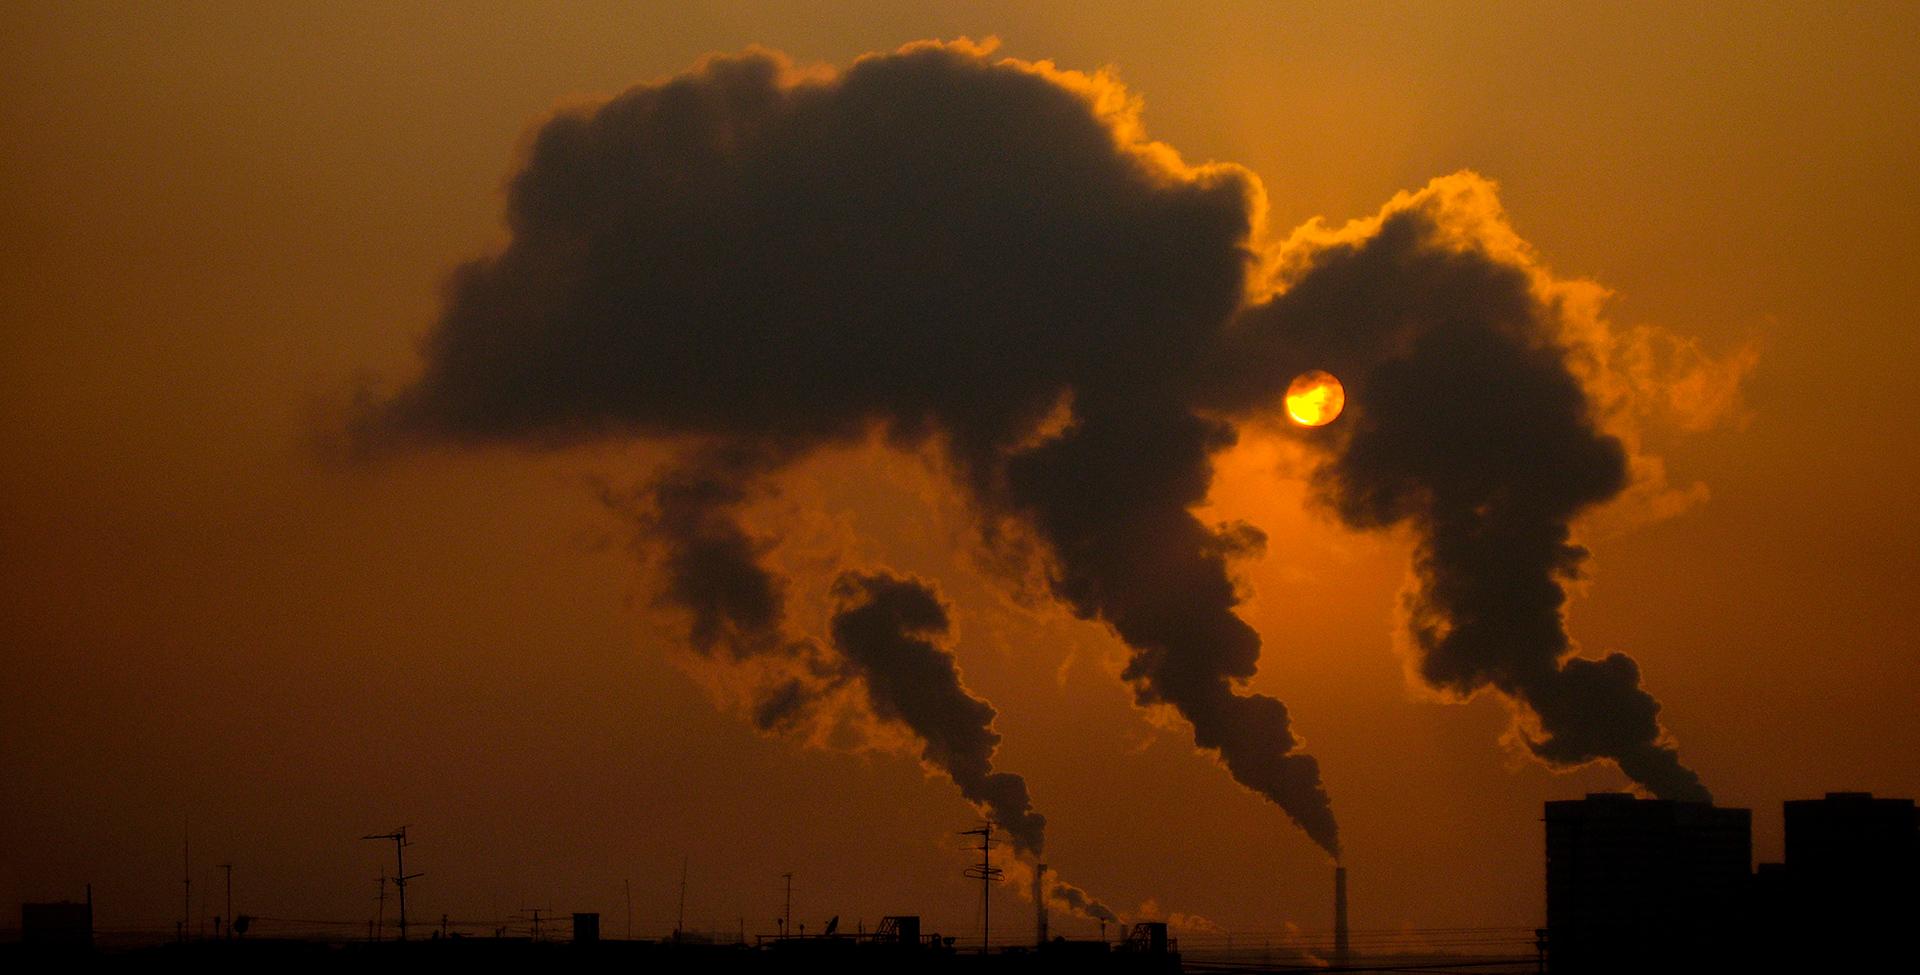 Elephant, Almaty, ecology, smoke, ecology, smoke, Kazakhstan, smog